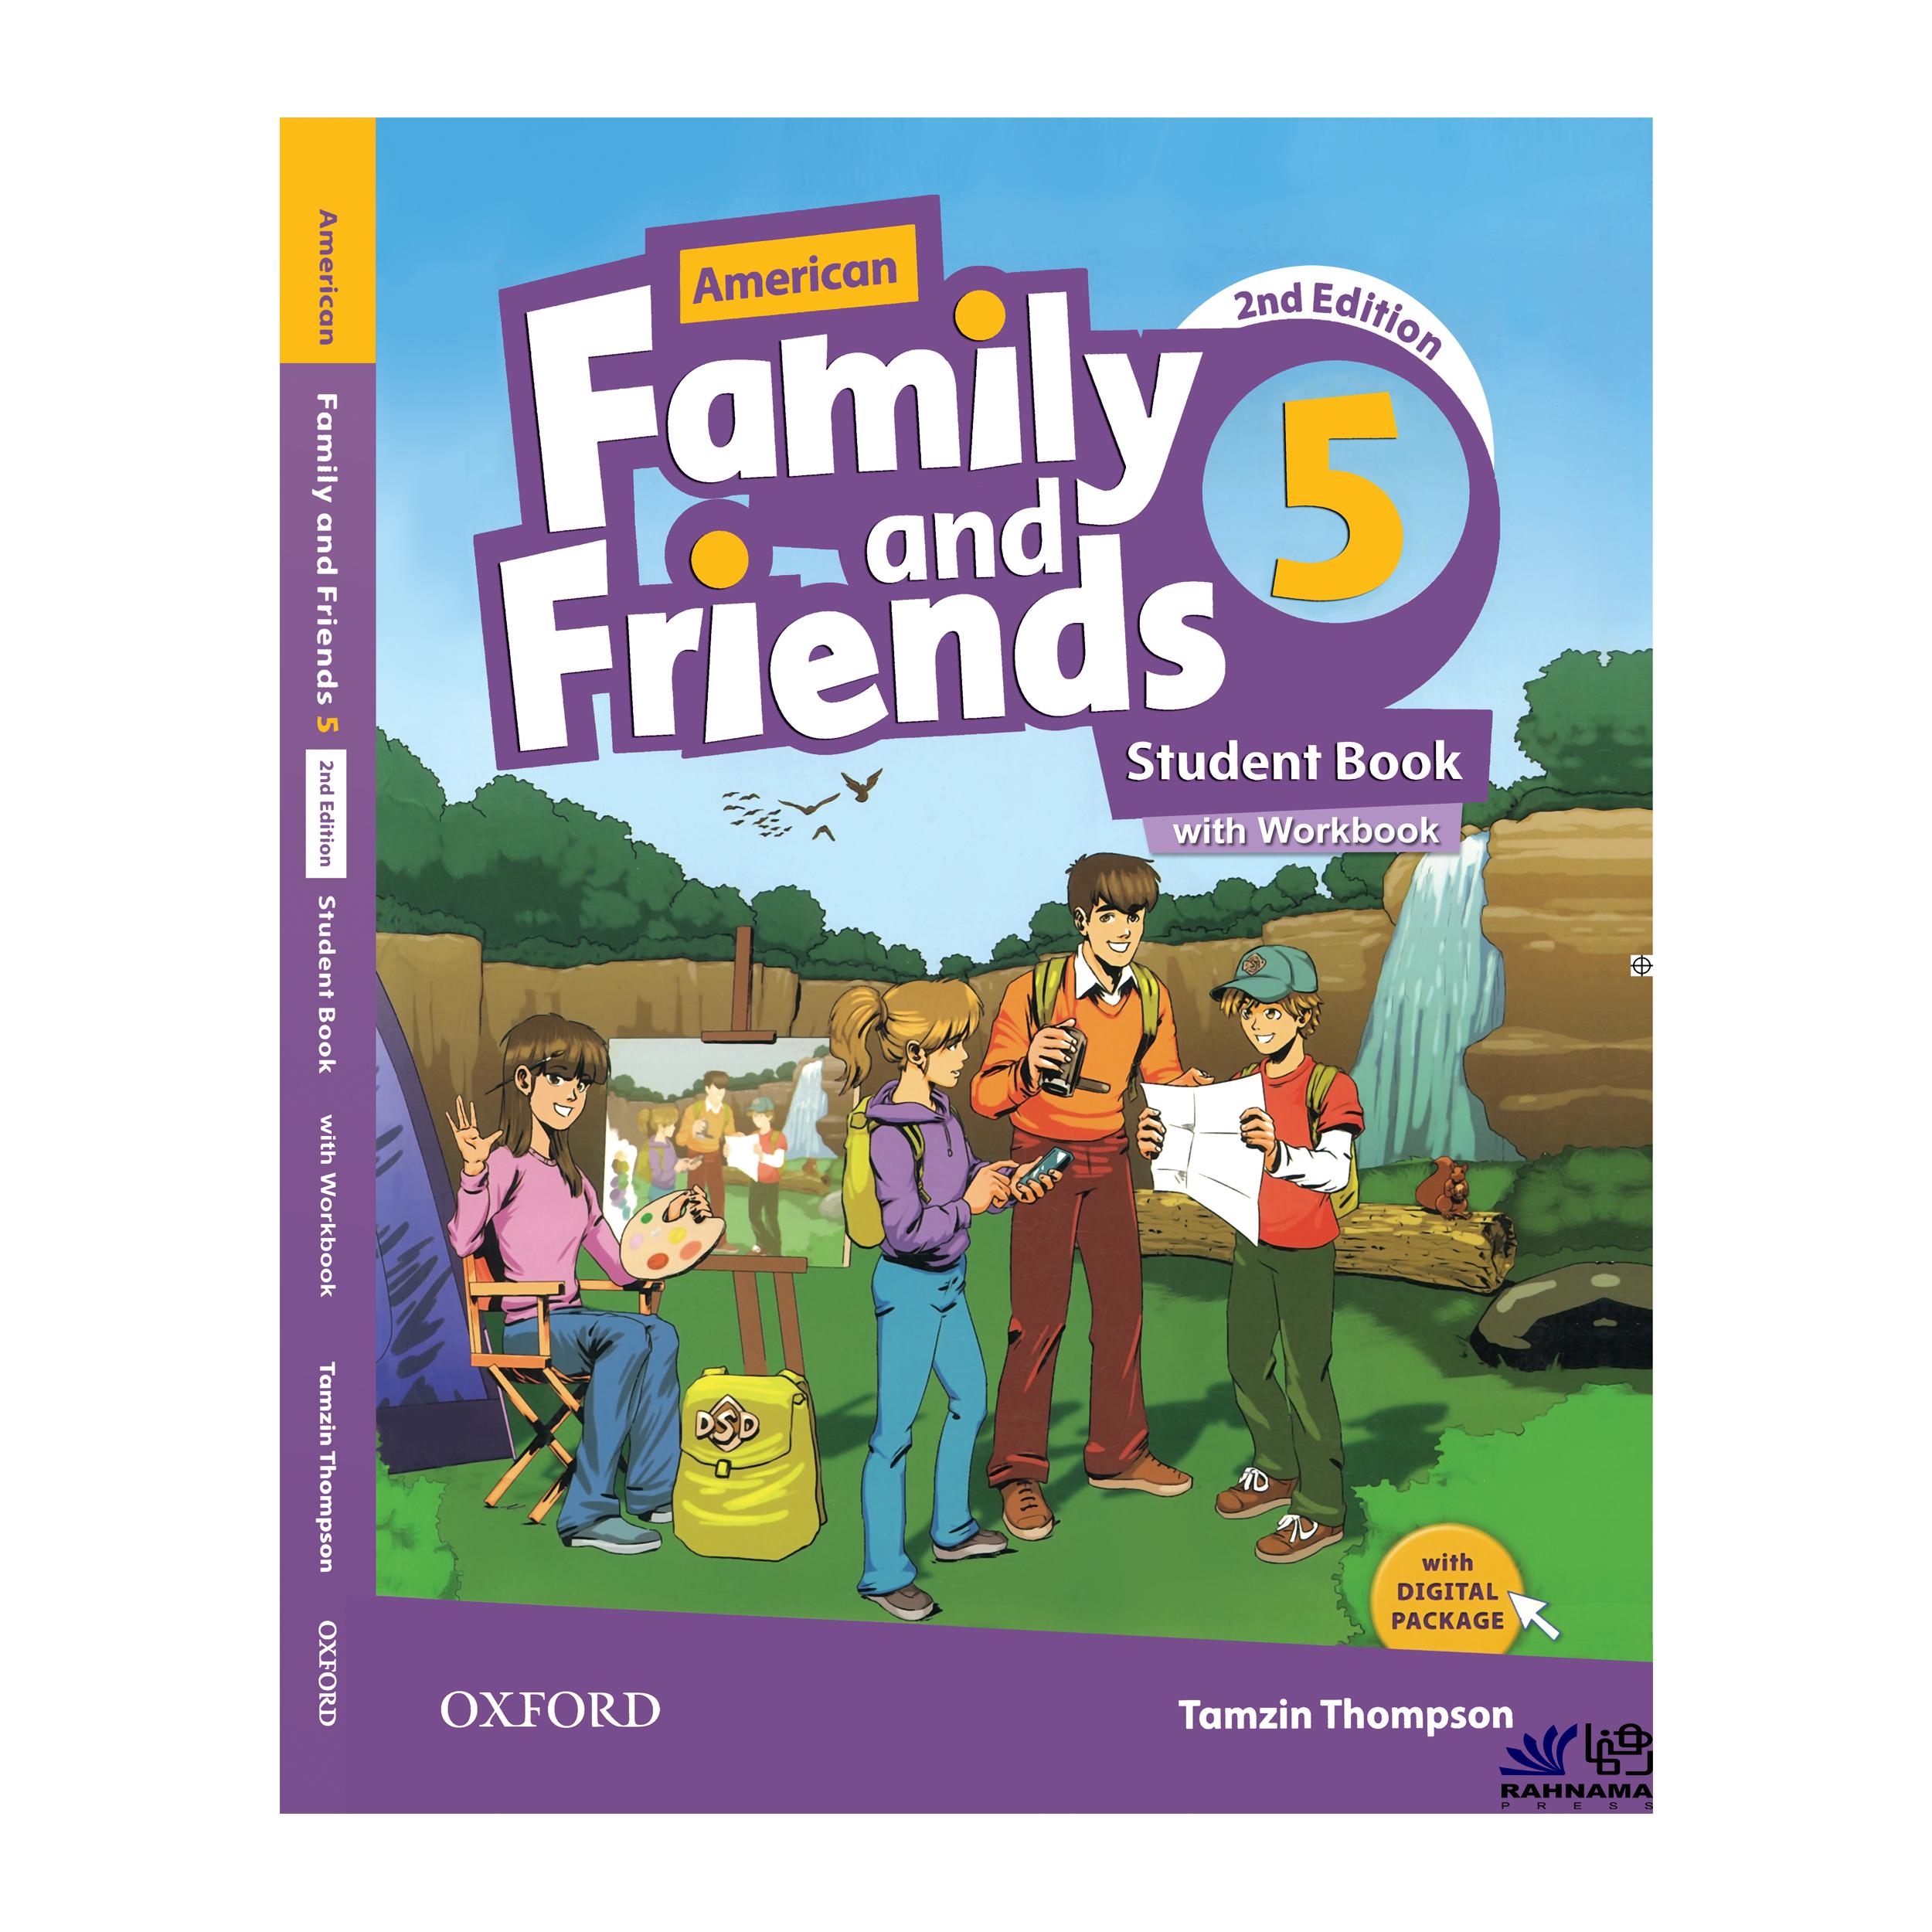 کتاب AMERICAN FAMILY AND FRIENDS 5 اثر TAMZIN THOMPSON  انتشارات رهنما